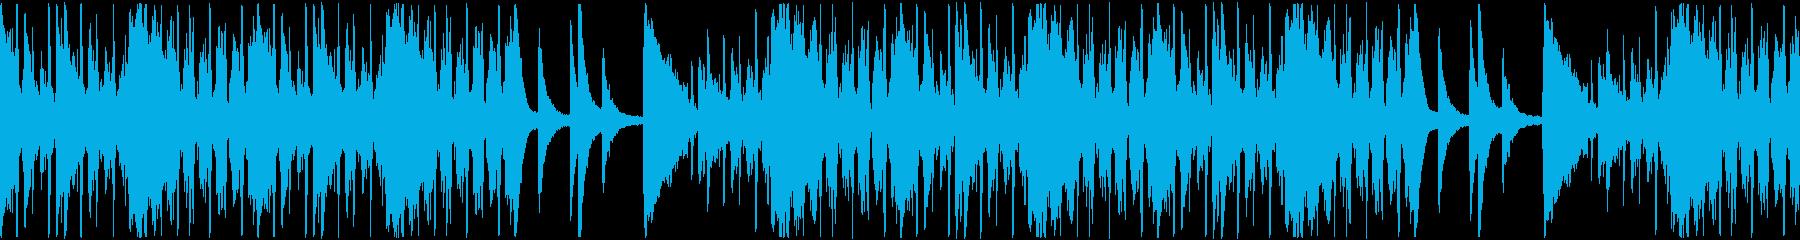 【おしゃれで落ち着いた雰囲気のJAZZ】の再生済みの波形